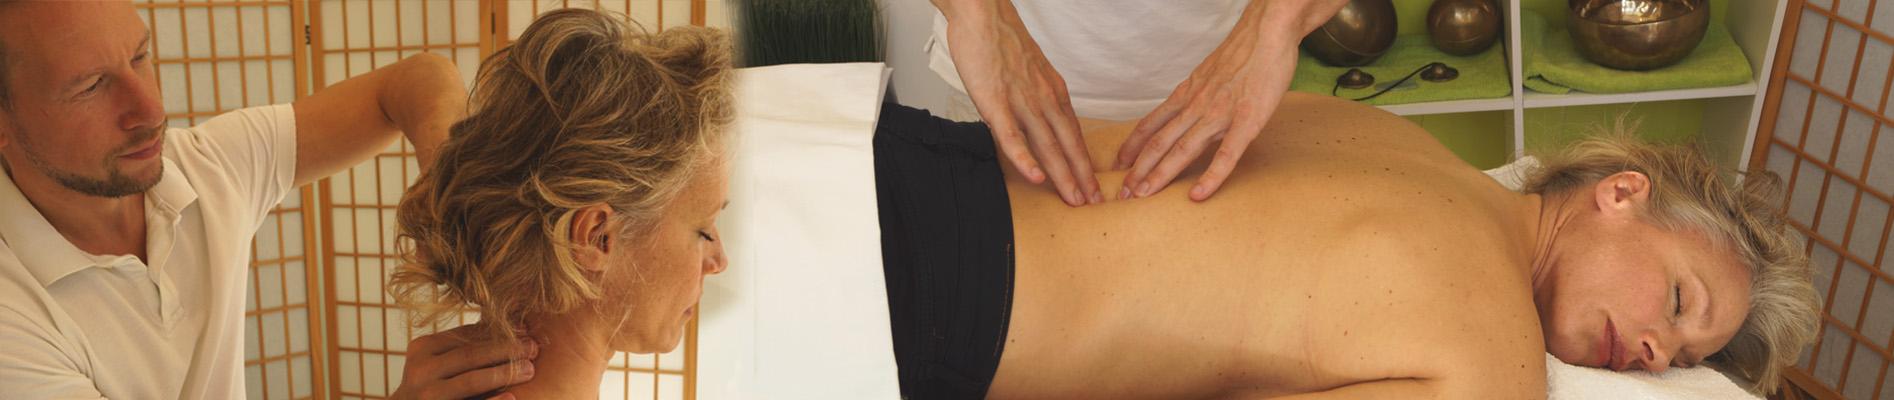 Nackenmassage Rückenmassage